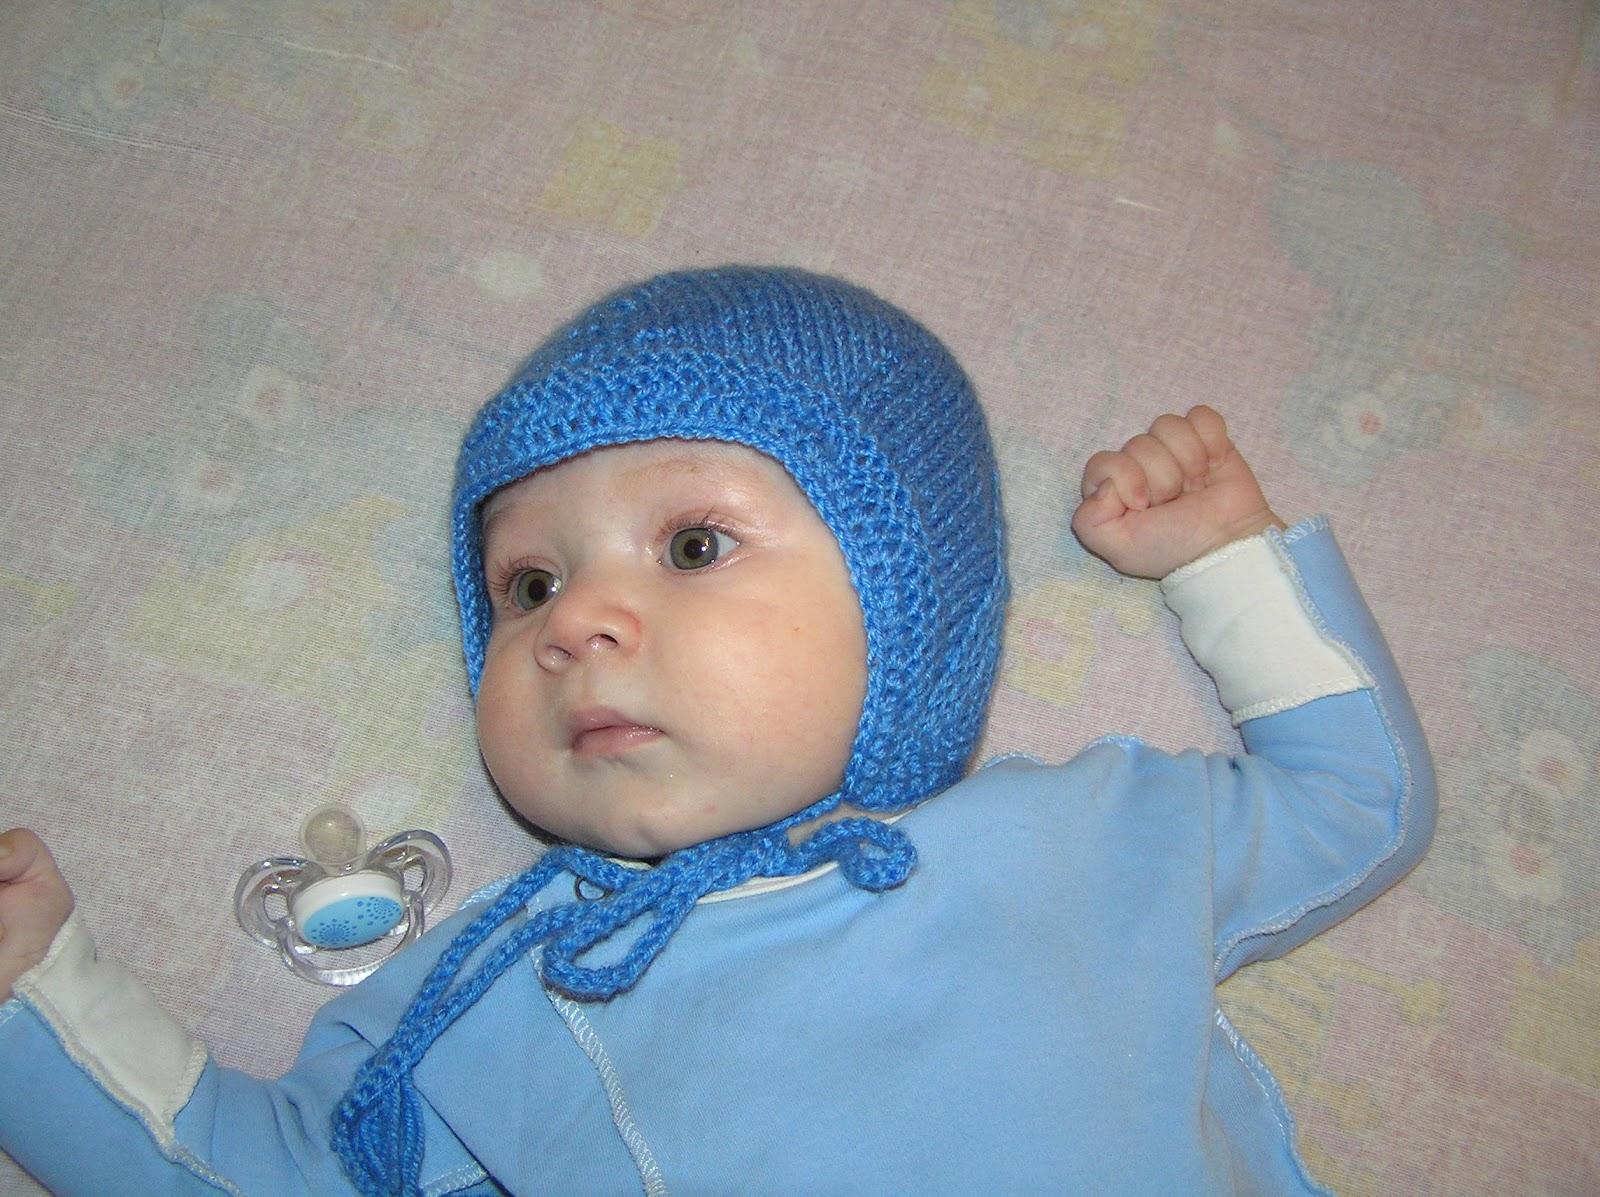 Вяжем спицами комбинезон на малыша до 1 года, джемпер на 77